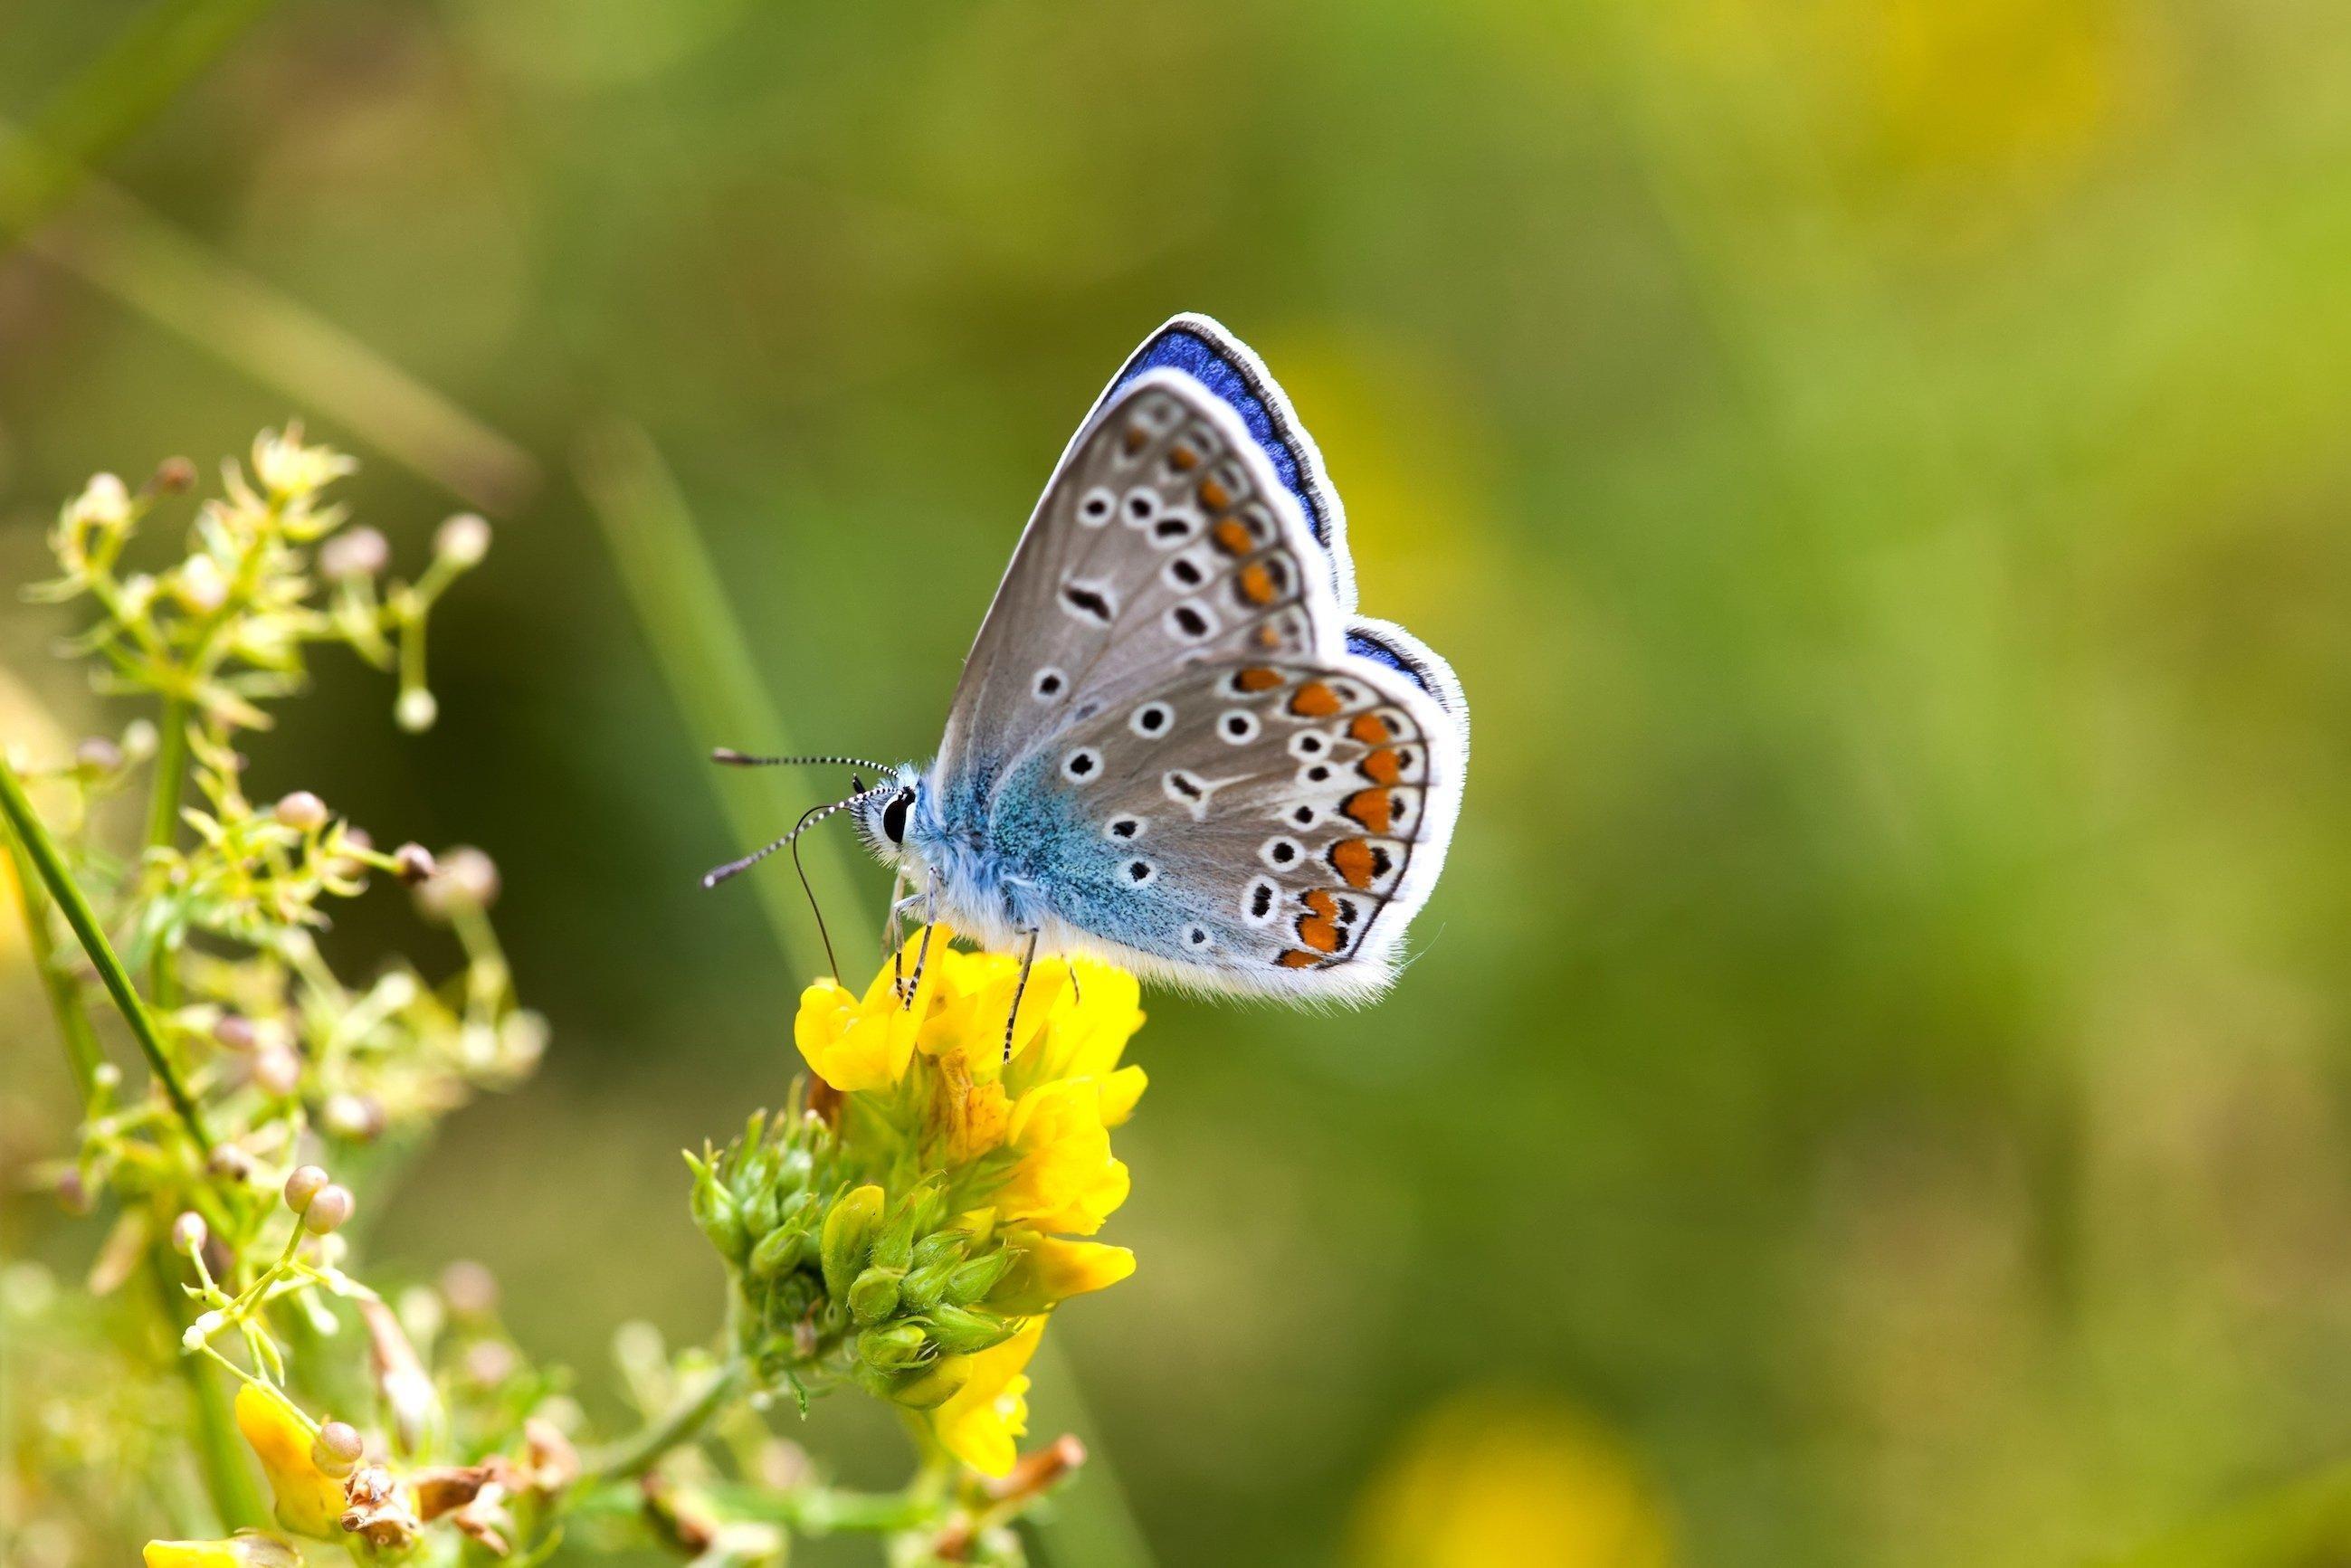 Ein Schmetterling (Hauhechel-Bläuling) sitzt auf einer Blume.